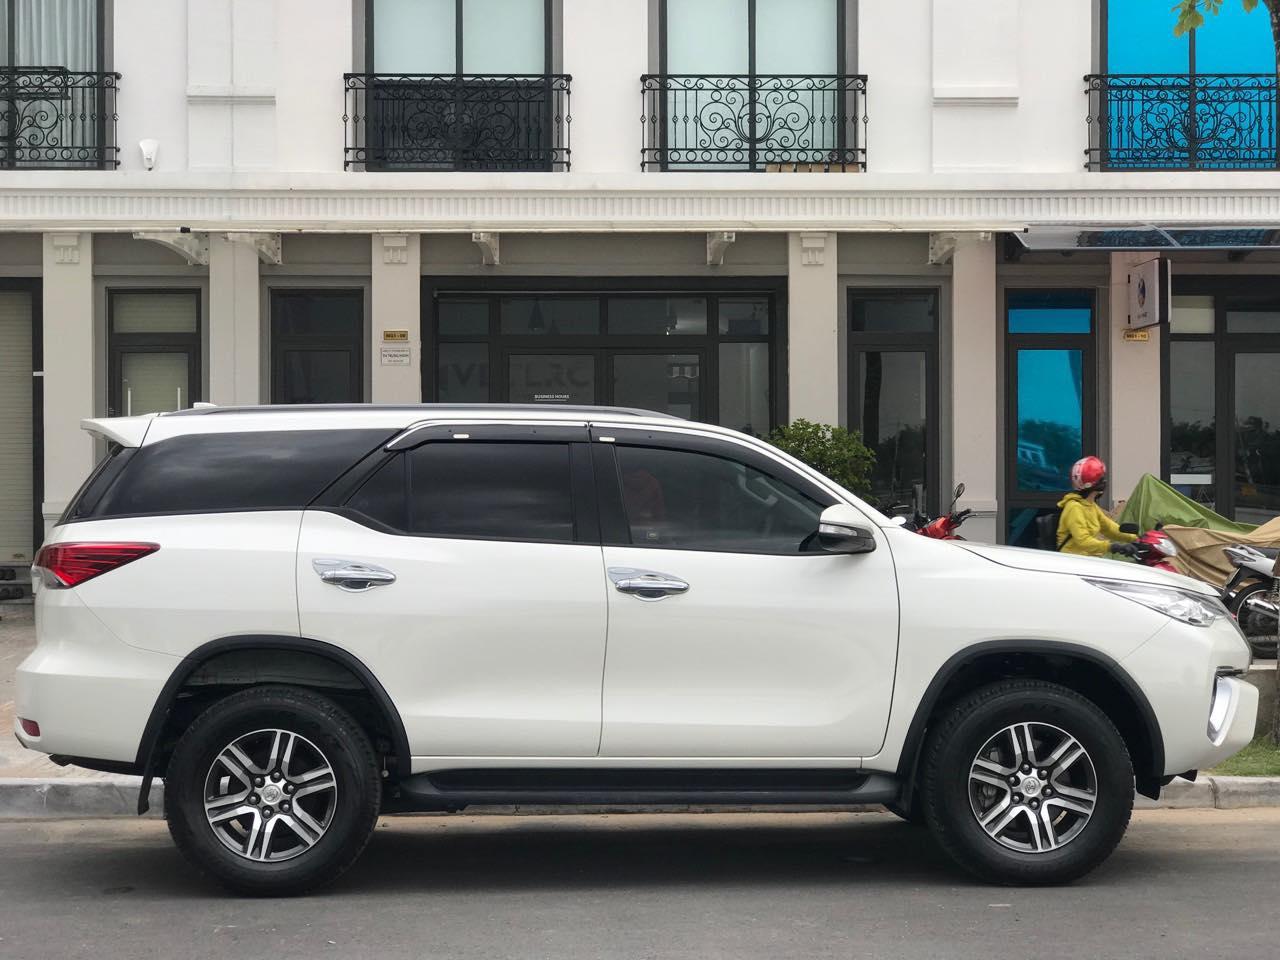 Thuê xe 7 chỗ tại quận 8 của công ty Huy Đạt giúp gia đình bạn có chuyến du lịch tuyệt vời nhất